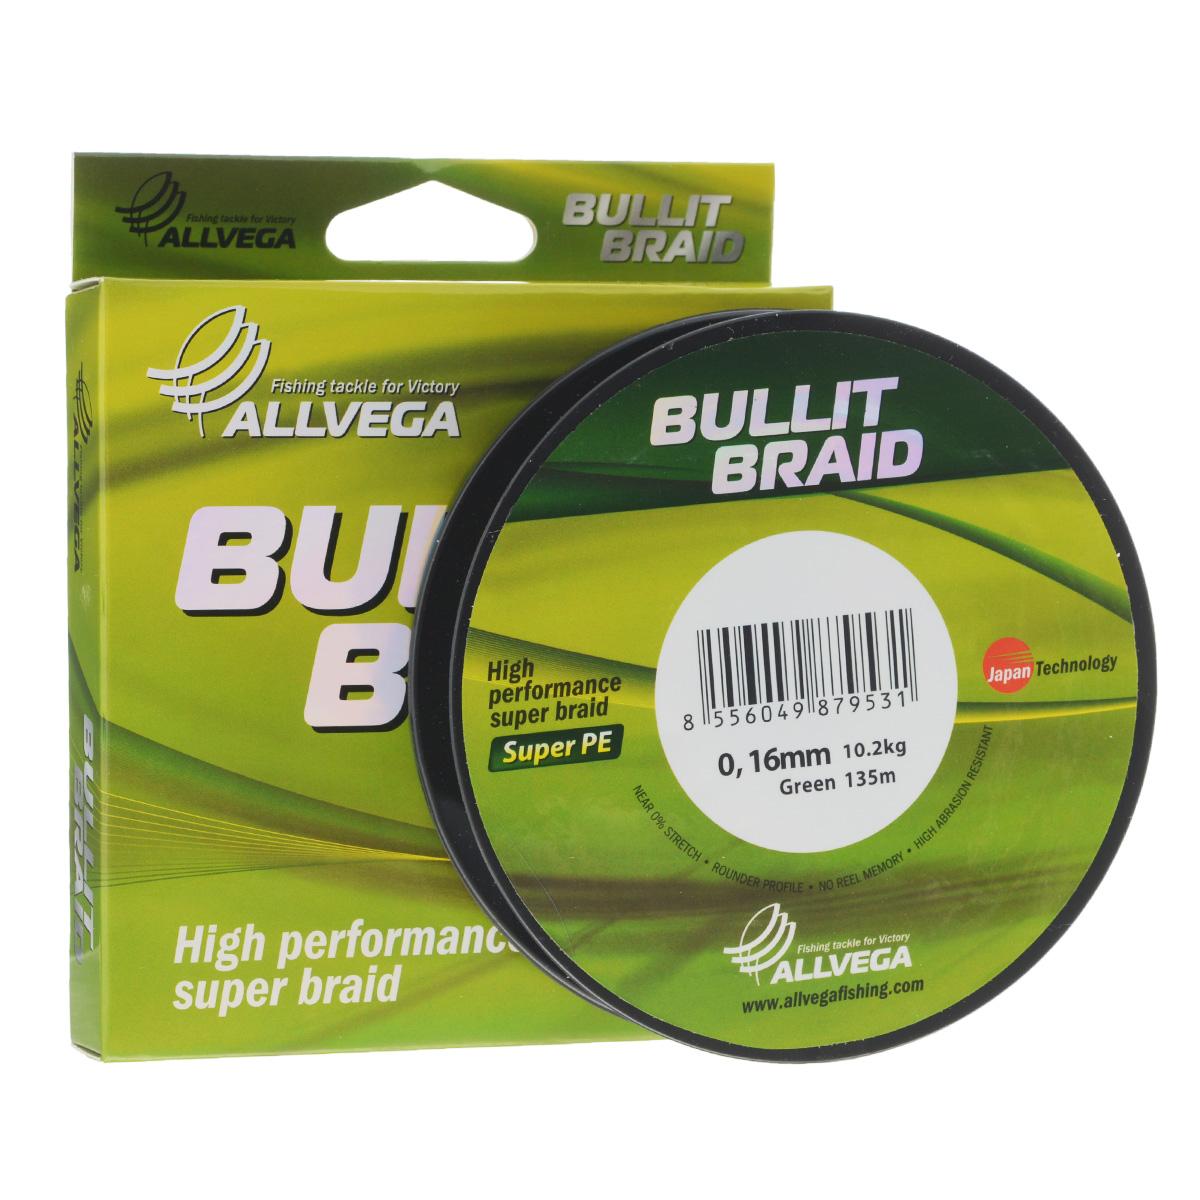 Леска плетеная Allvega Bullit Braid, цвет: темно-зеленый, 135 м, 0,16 мм, 10,2 кг010-01199-23Леска Allvega Bullit Braid с гладкой поверхностью и одинаковым сечением по всей длине обладает высокой износостойкостью. Благодаря микроволокнам полиэтилена (Super PE) леска имеет очень плотное плетение и не впитывает воду. Леску Allvega Bullit Braid можно применять в любых типах водоемов. Особенности:повышенная износостойкость;высокая чувствительность - коэффициент растяжения близок к нулю;отсутствует память; идеально гладкая поверхность позволяет увеличить дальность забросов; высокая прочность шнура на узлах.